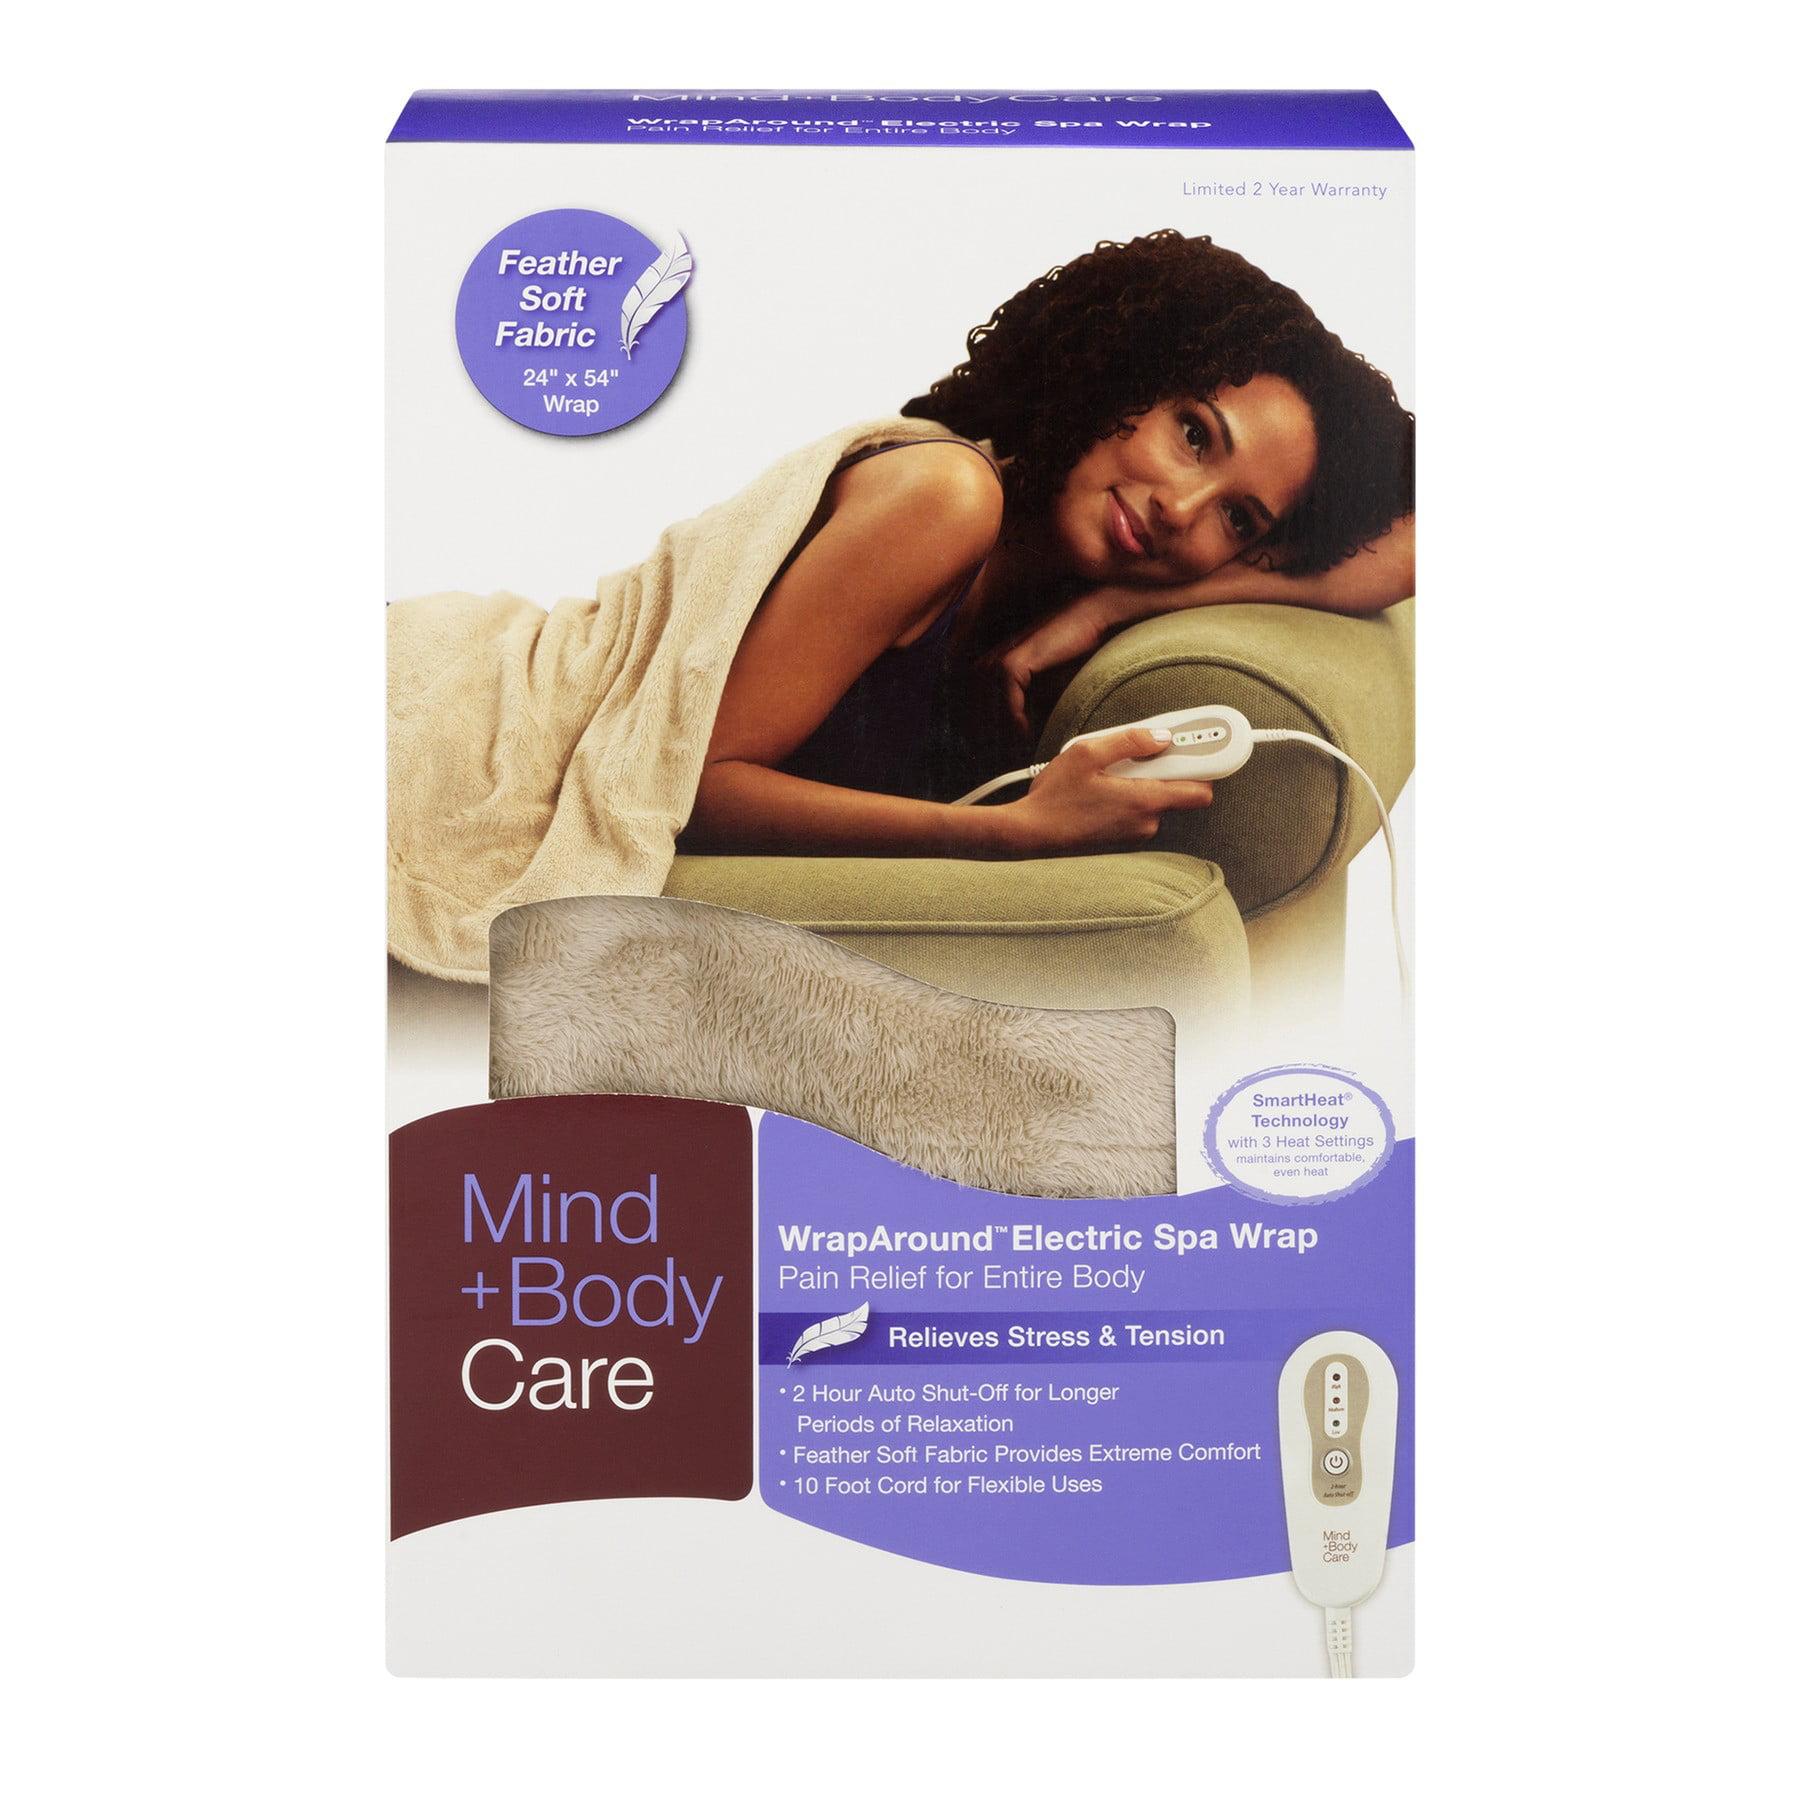 Mind+Body Care WrapAround Electric Spa Wrap, 1.0 CT